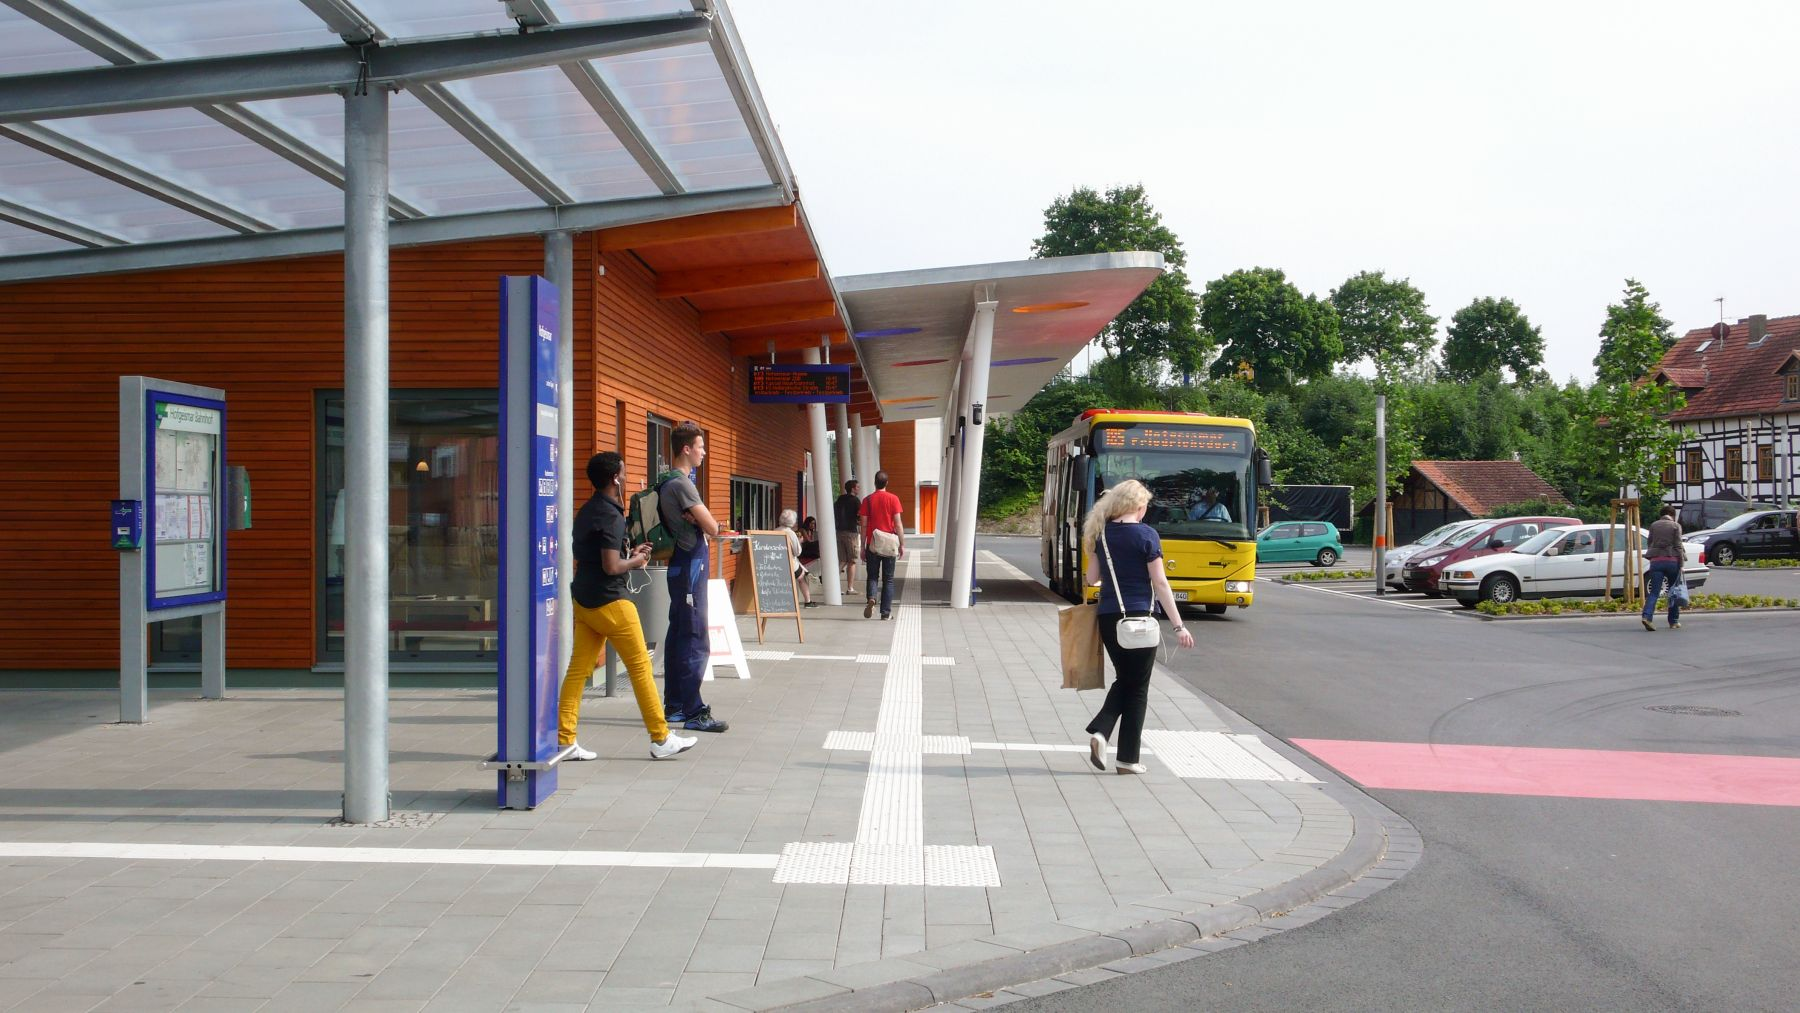 Neubau ÖV- Schnittstelle in Hofgeismar